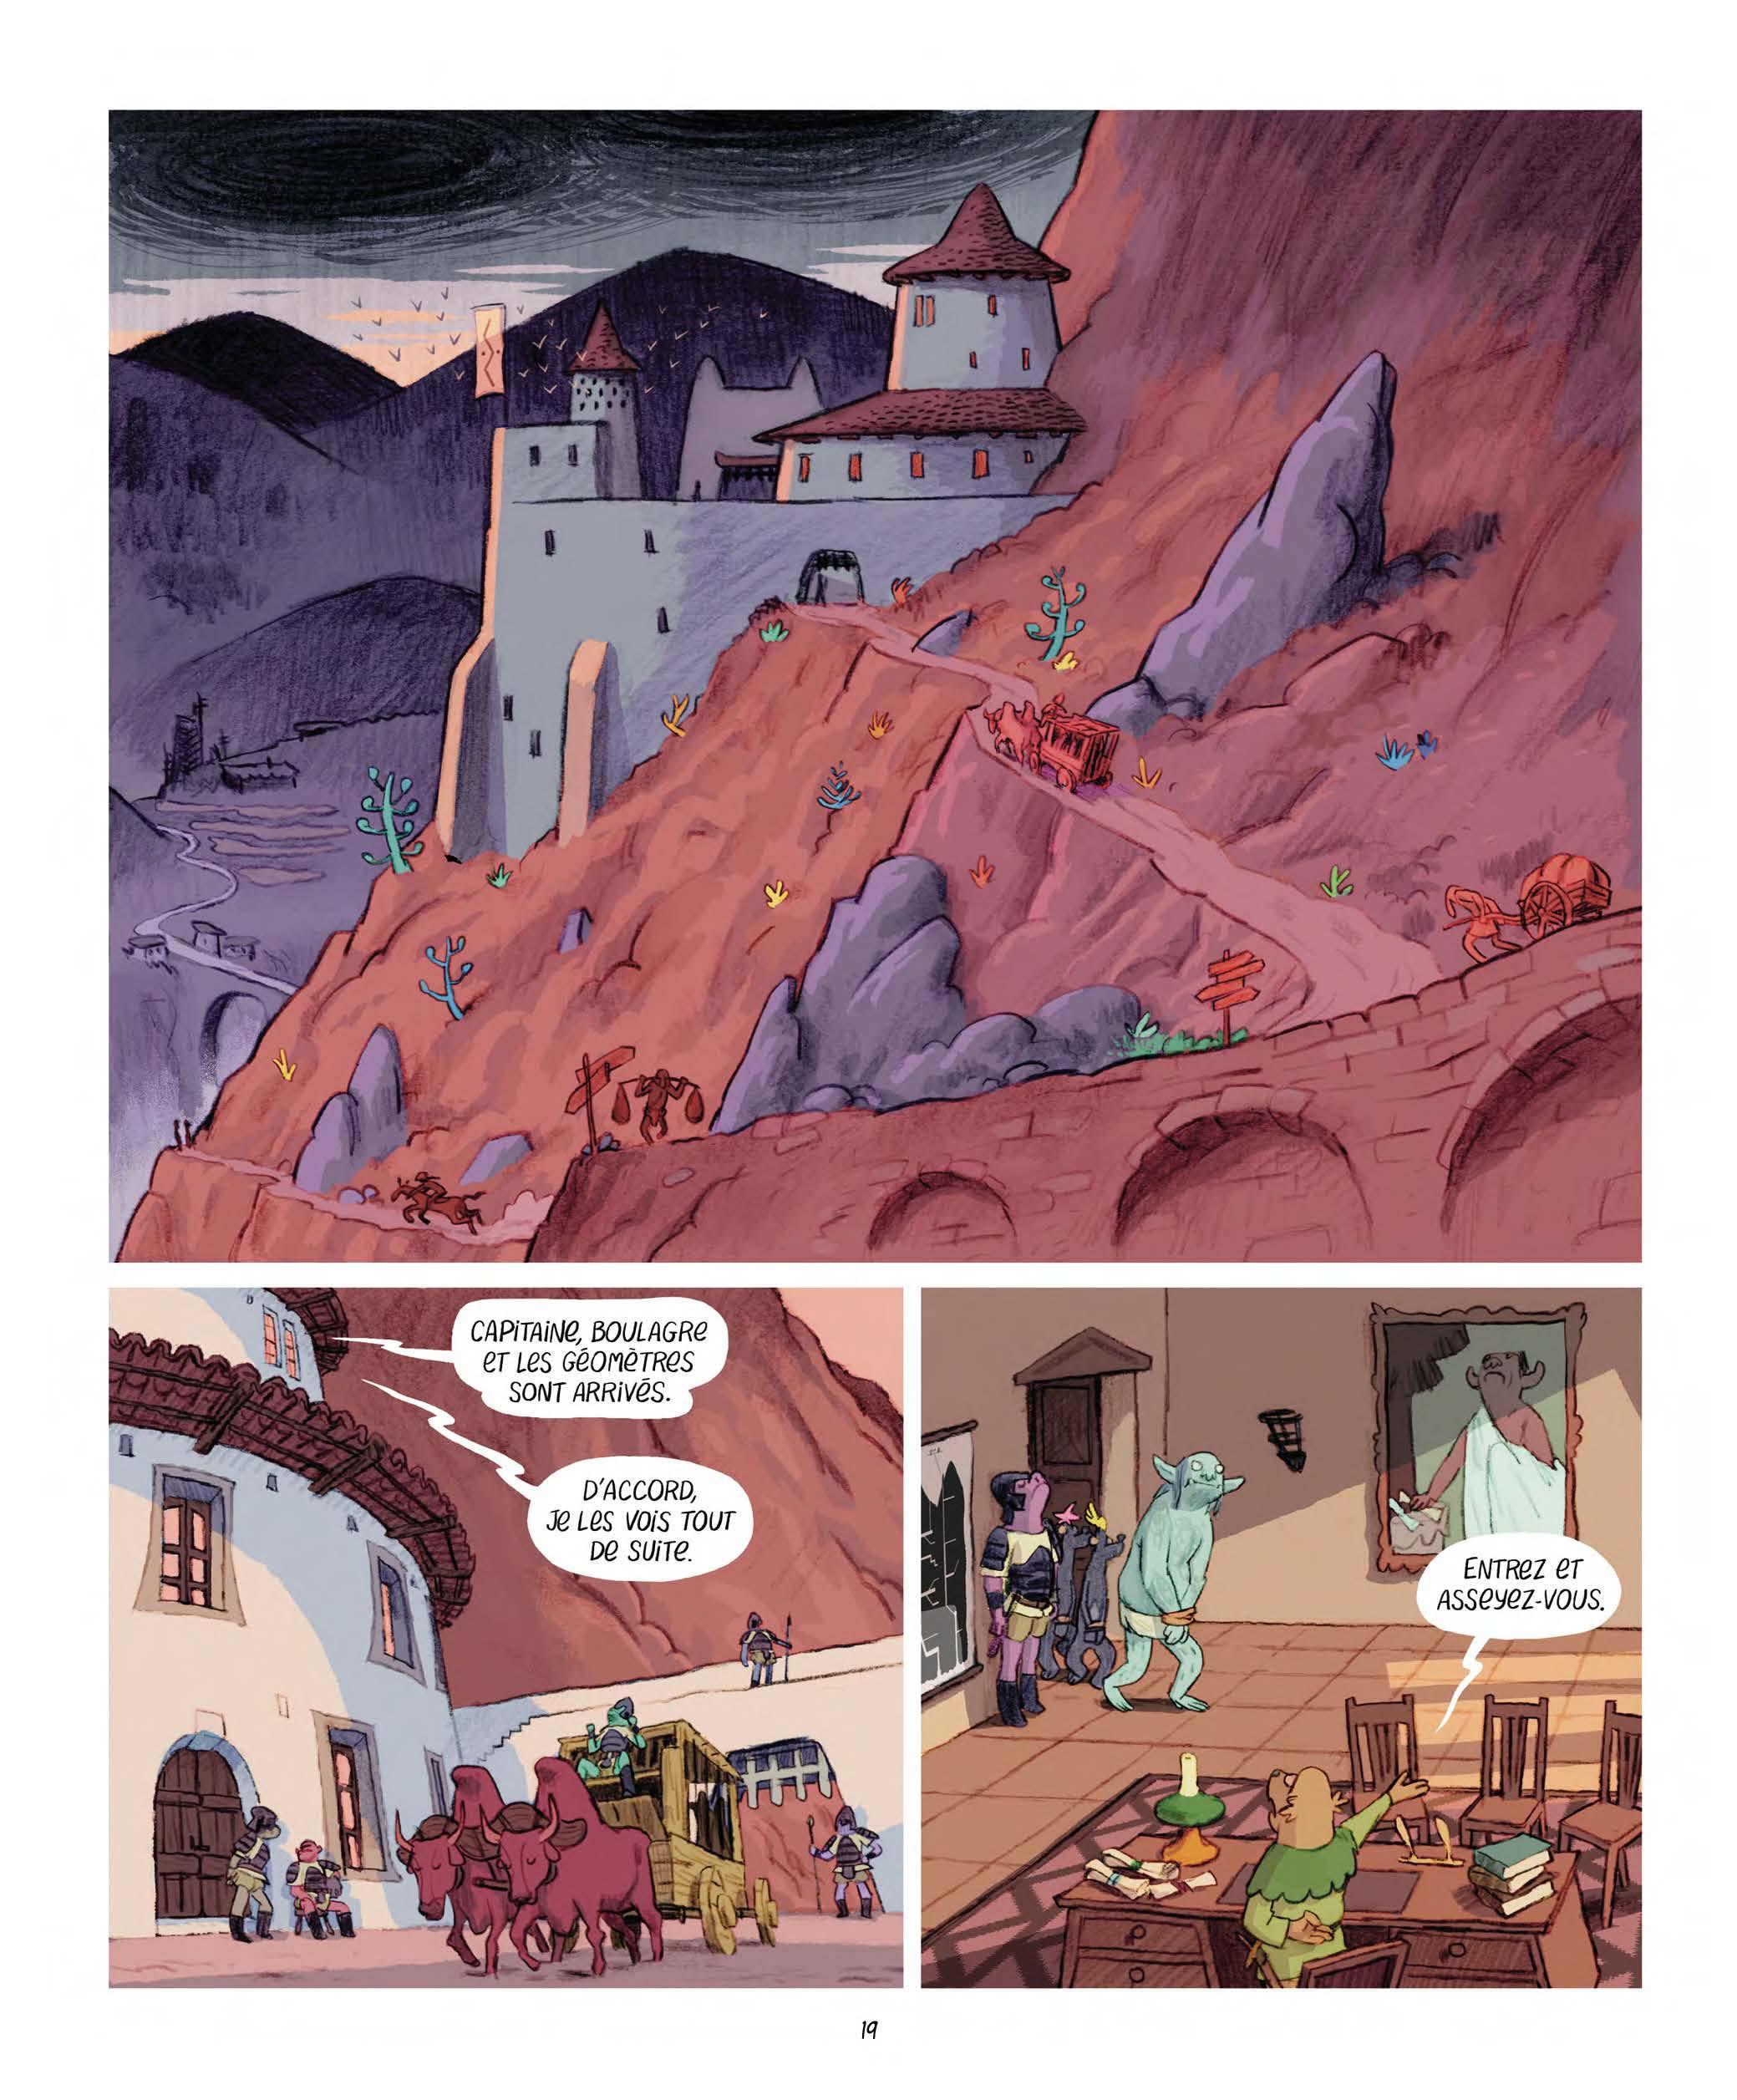 Extrait n°11 Les Affamés 2 - Hum et Wouaf et la triste mine  - Le retour d'hum et wouaf dans les mines de mignon par Jean-Emmanuel Vermot-Desroches